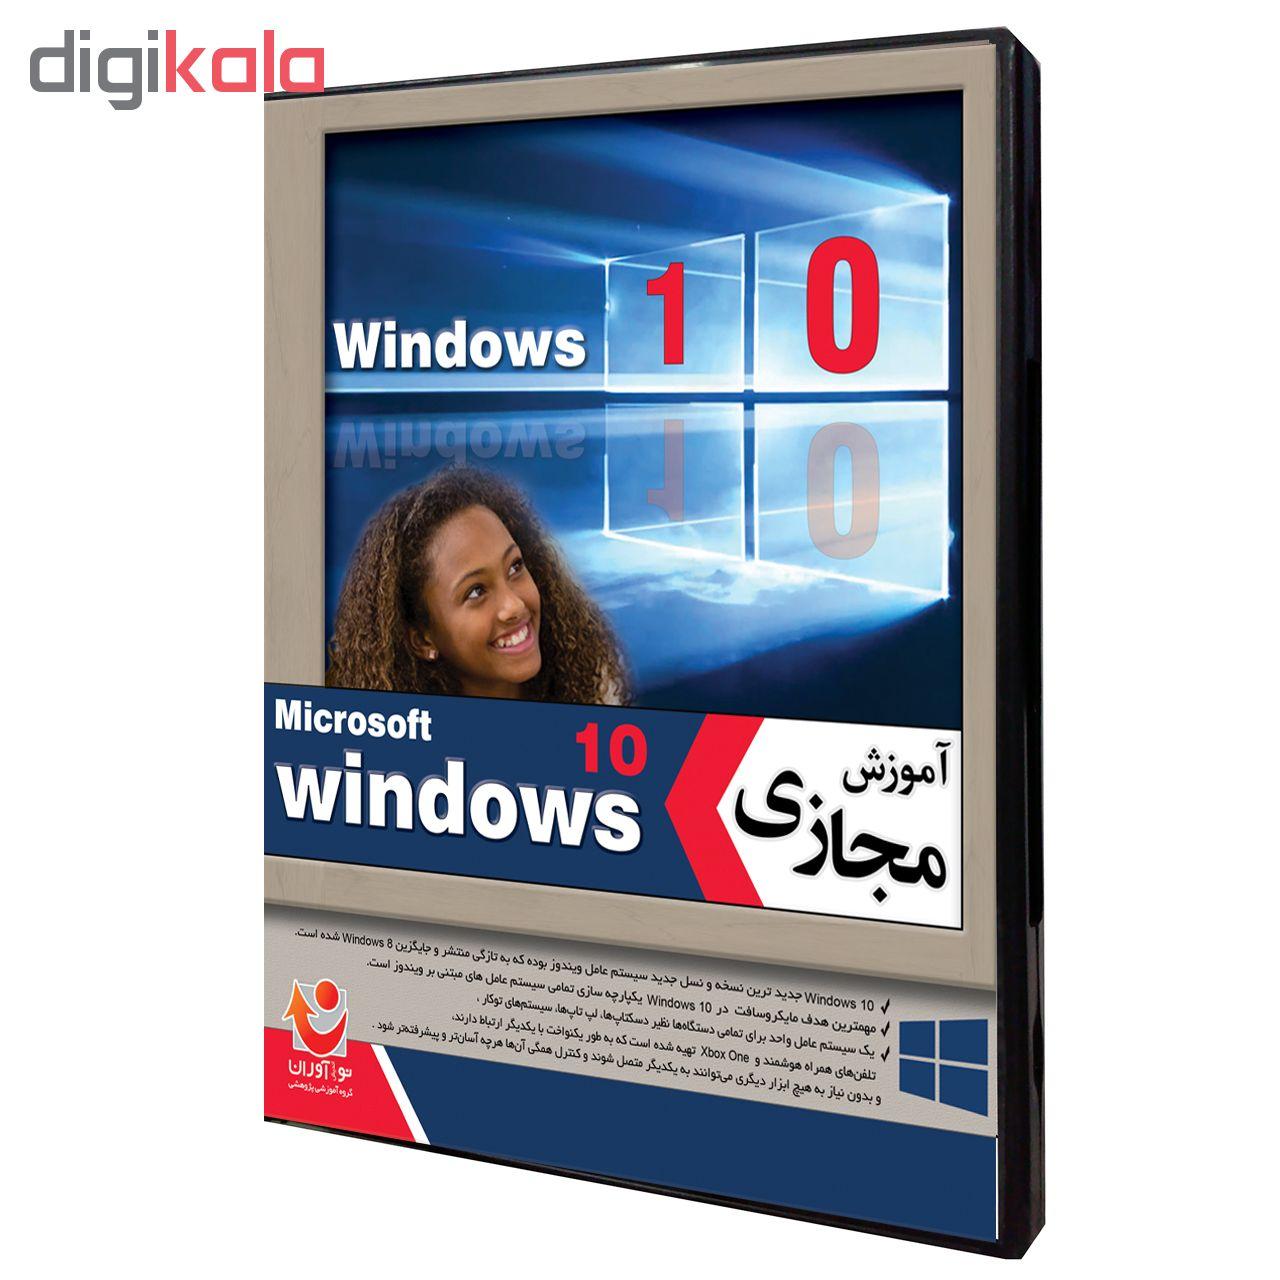 نرم افزار آموزش جامع Windows 10 نشر نوآوران